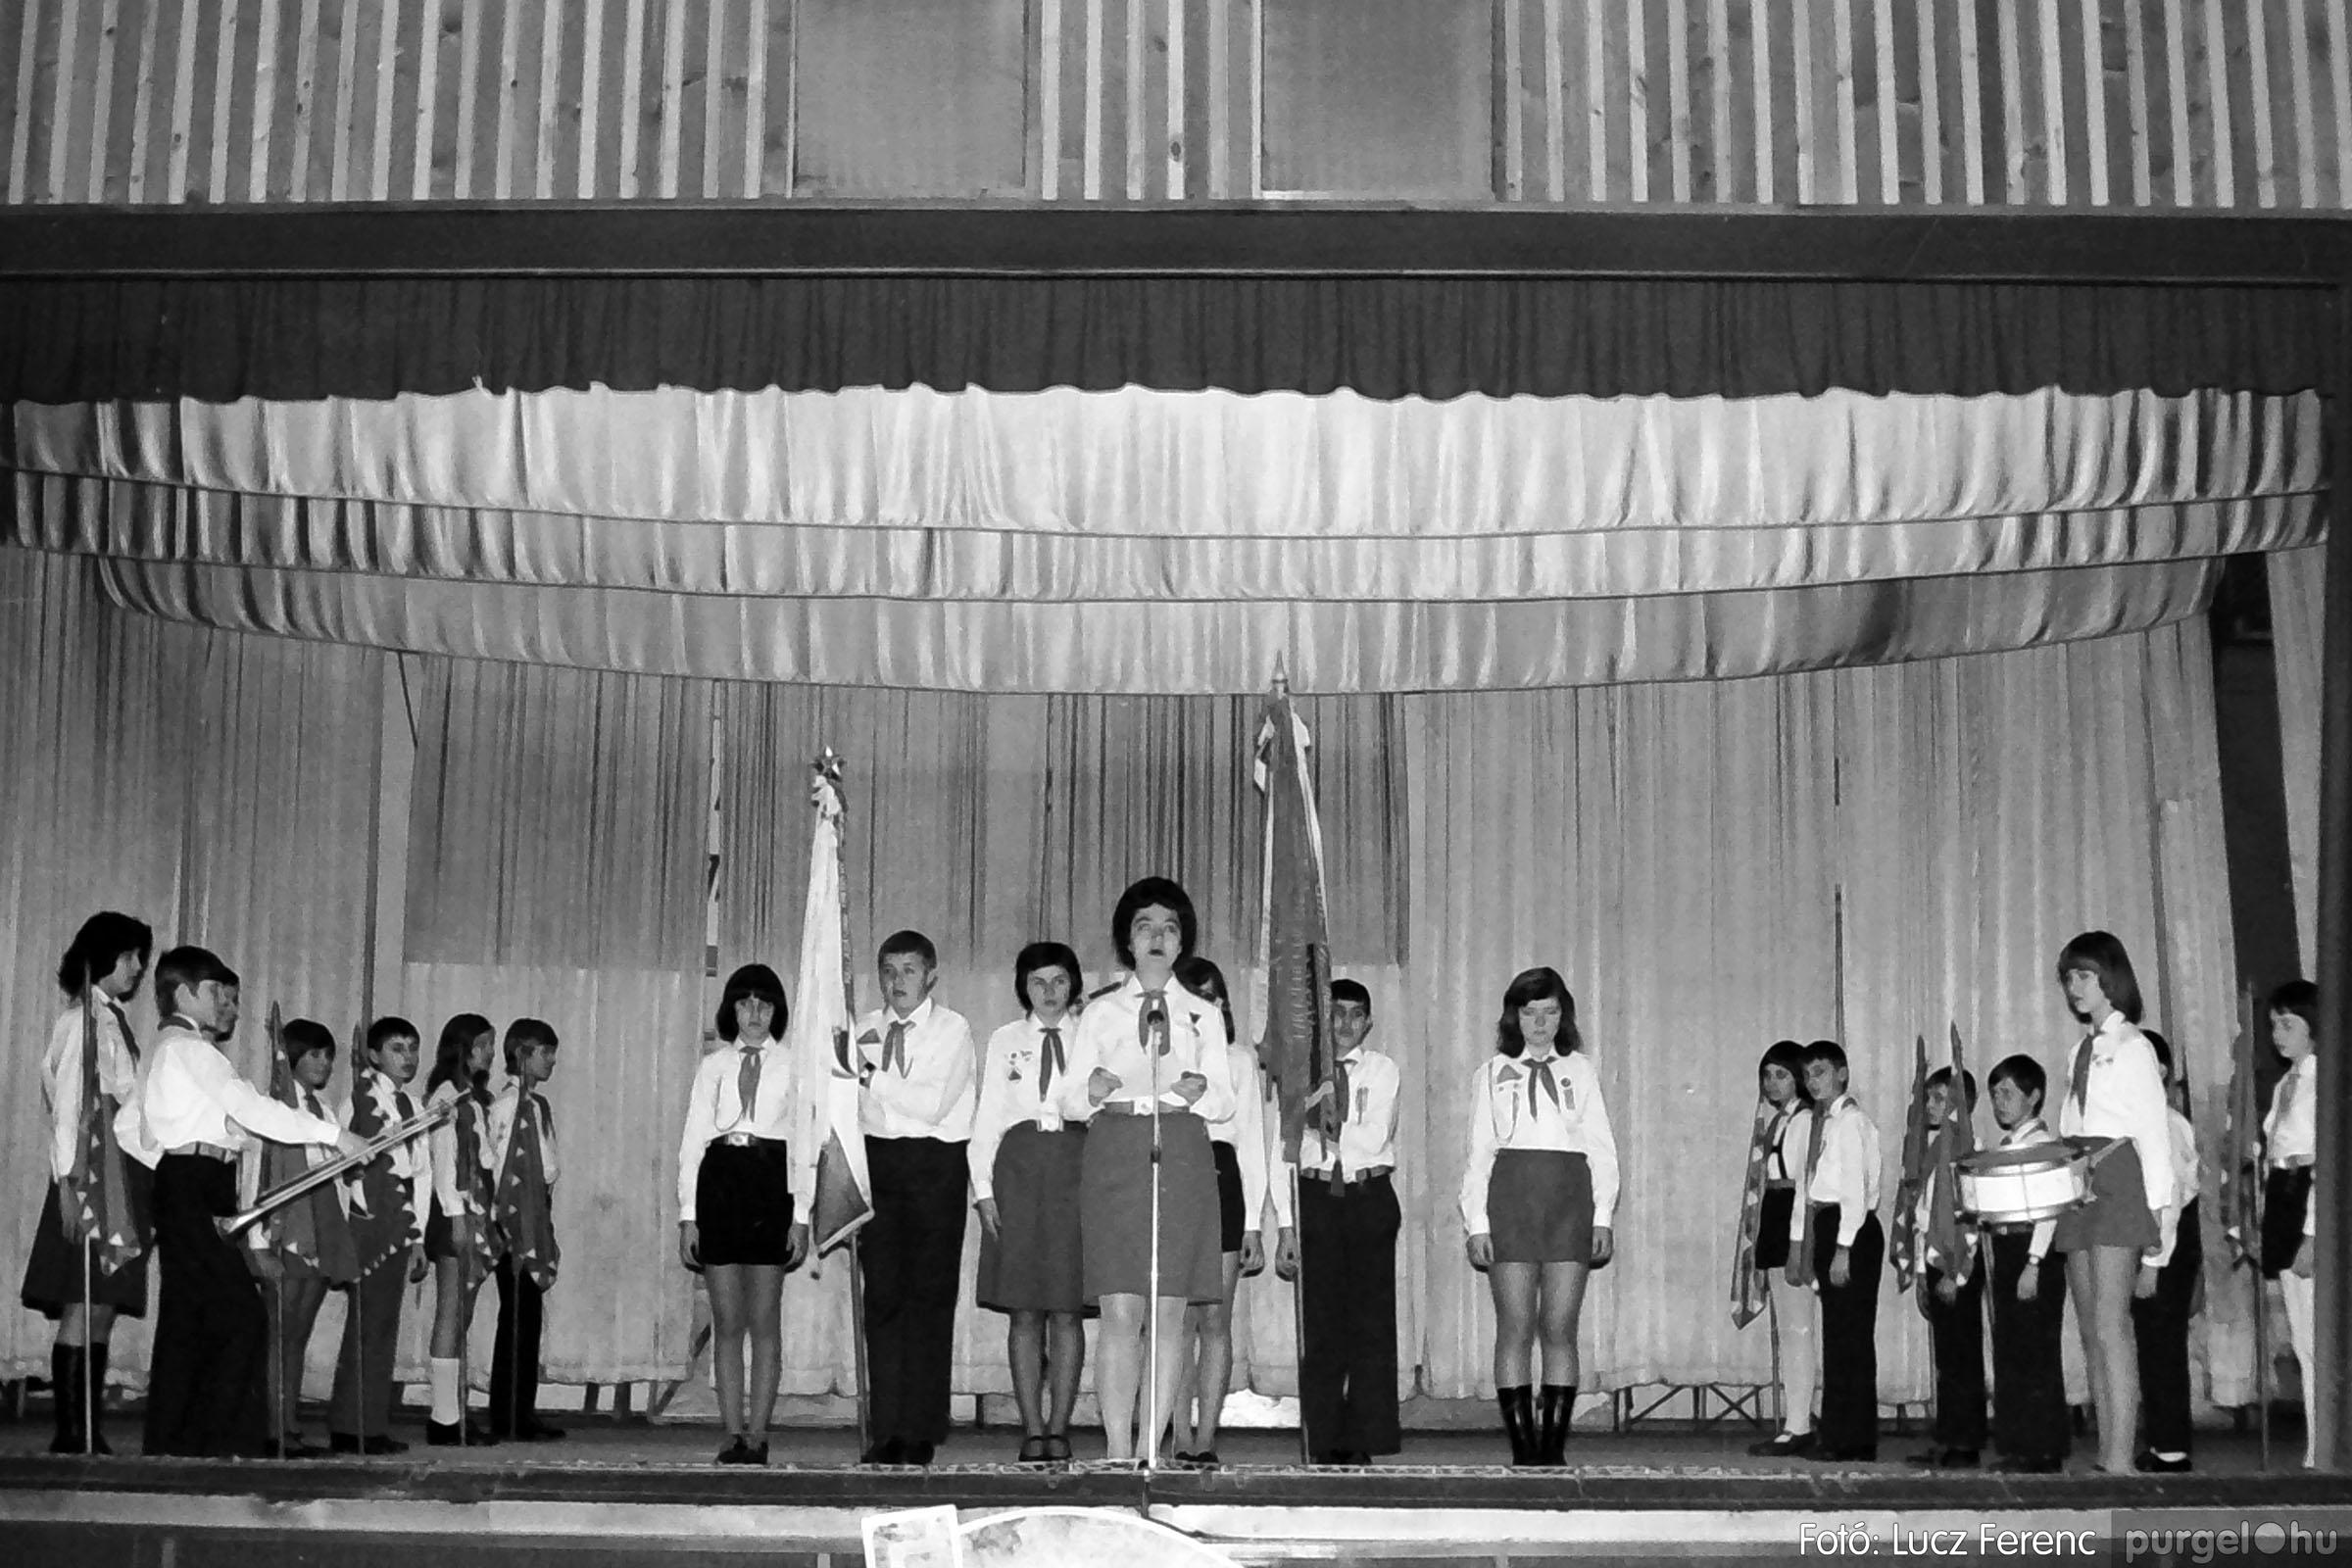 036-037. 1976. Diákprogram a kultúrházban 004 - Fotó: Lucz Ferenc.jpg